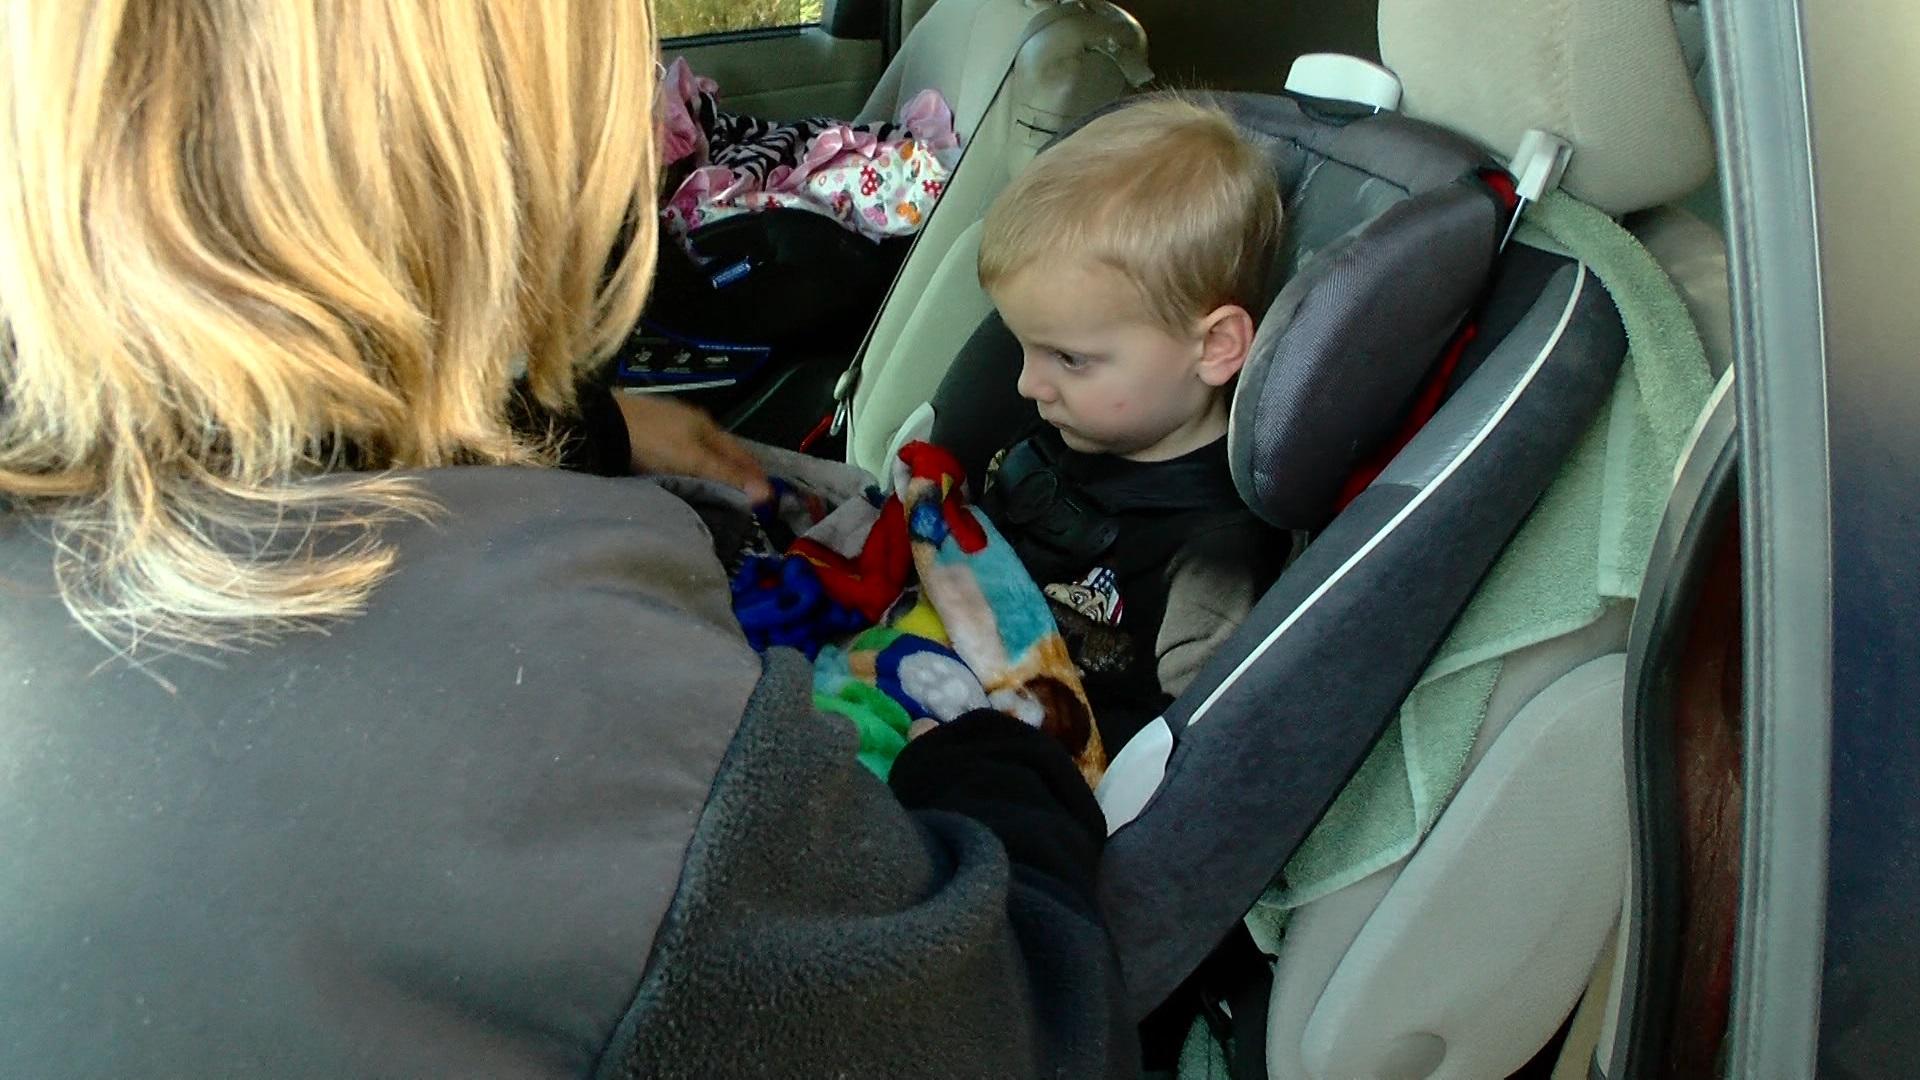 Car Seat Coats.00_01_39_04.Still001_1482536526661.jpg